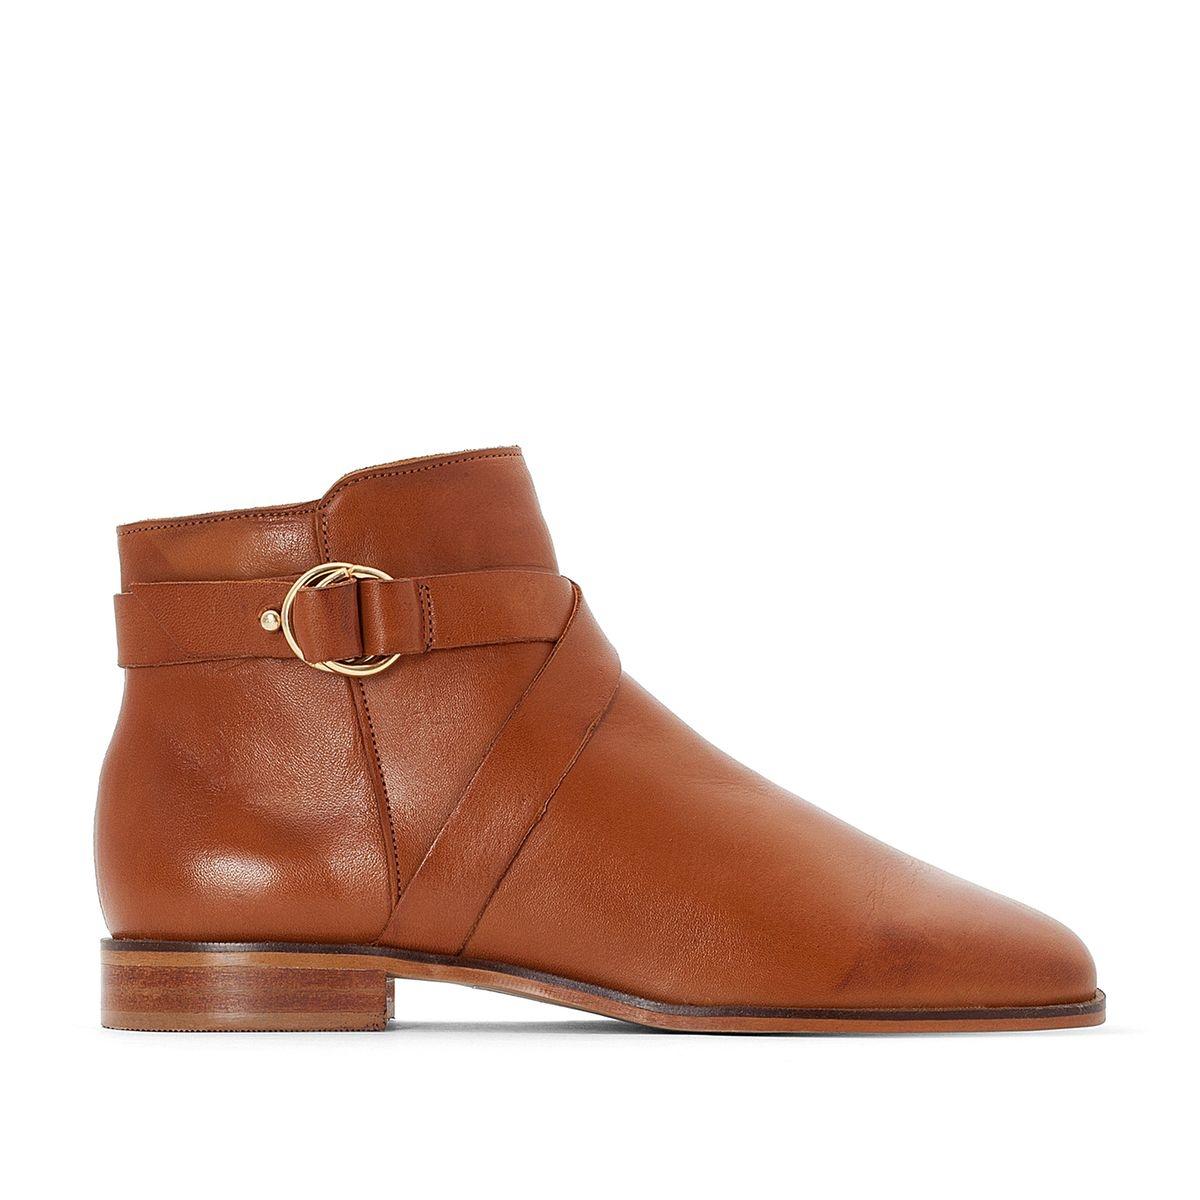 Boots en cuir détail boucle pied large 38-45